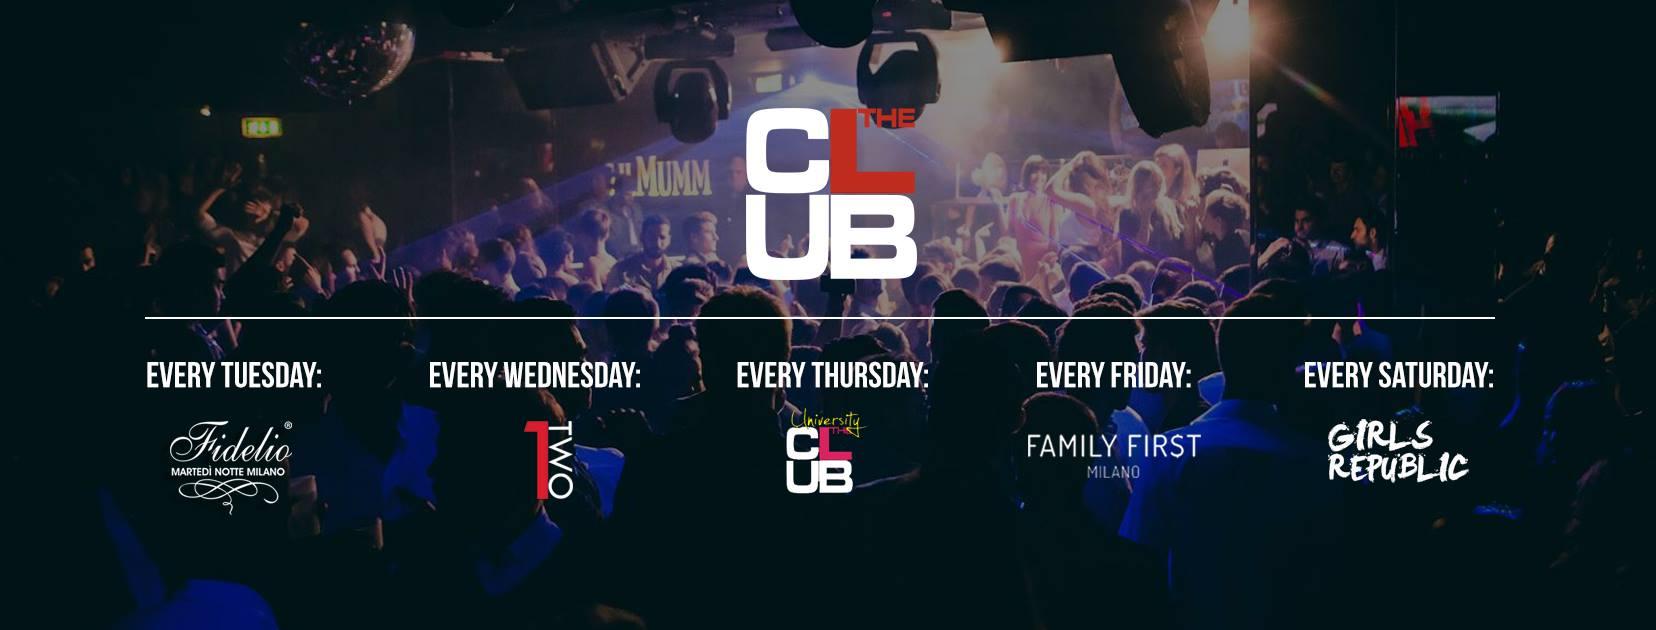 The Club Milano domenica 21 Ottobre 2018